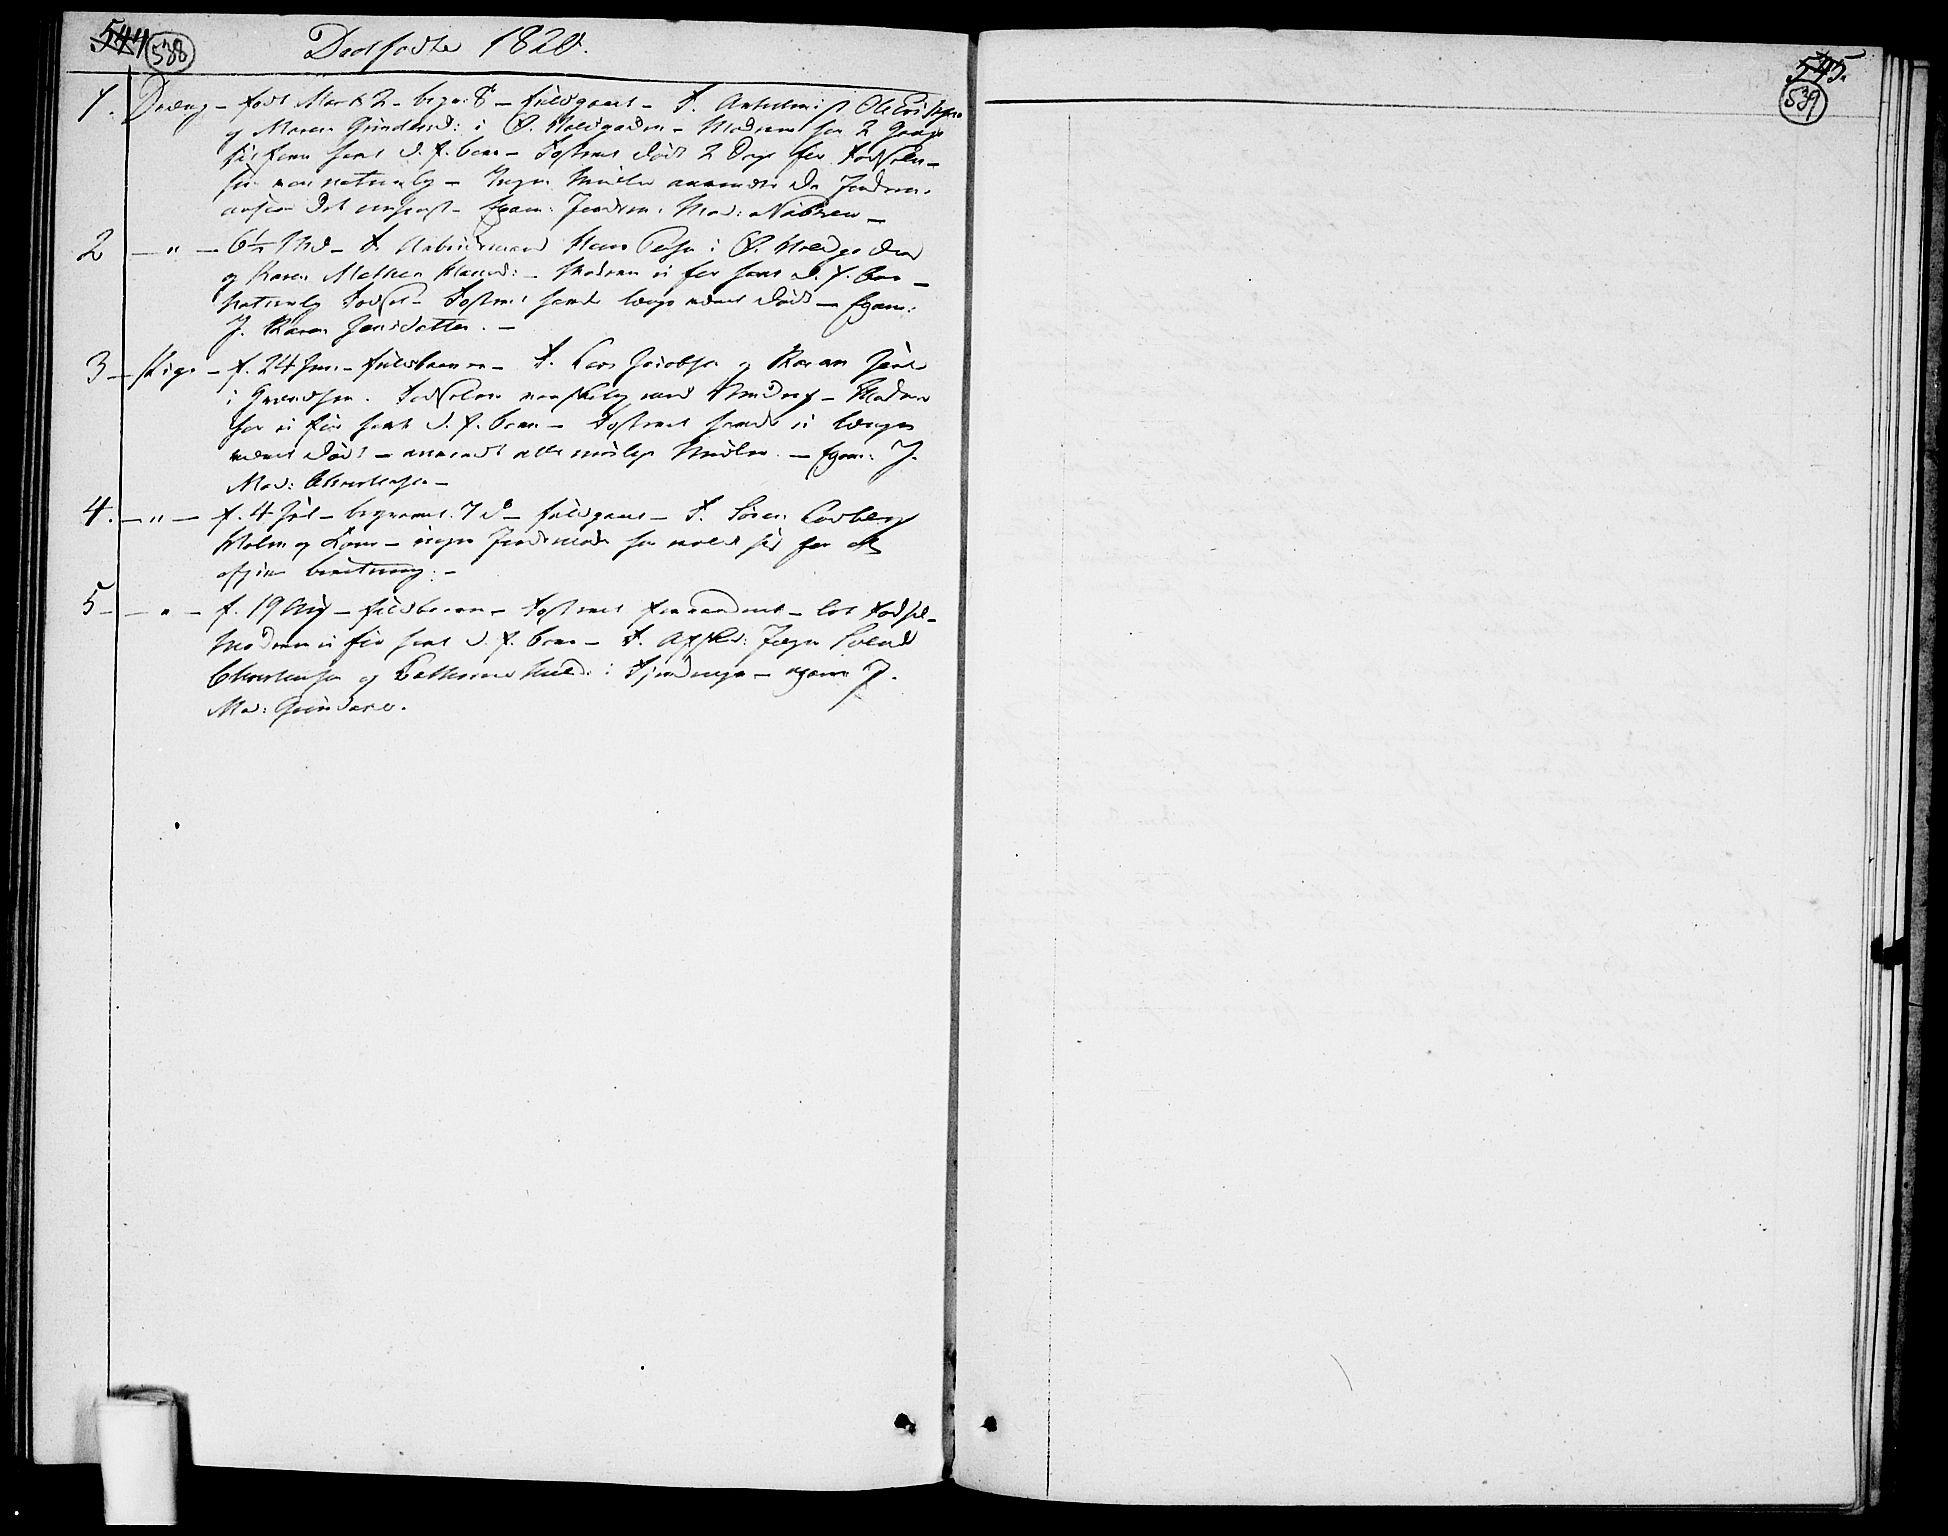 SAO, Garnisonsmenigheten Kirkebøker, F/Fa/L0004: Ministerialbok nr. 4, 1820-1828, s. 538-539